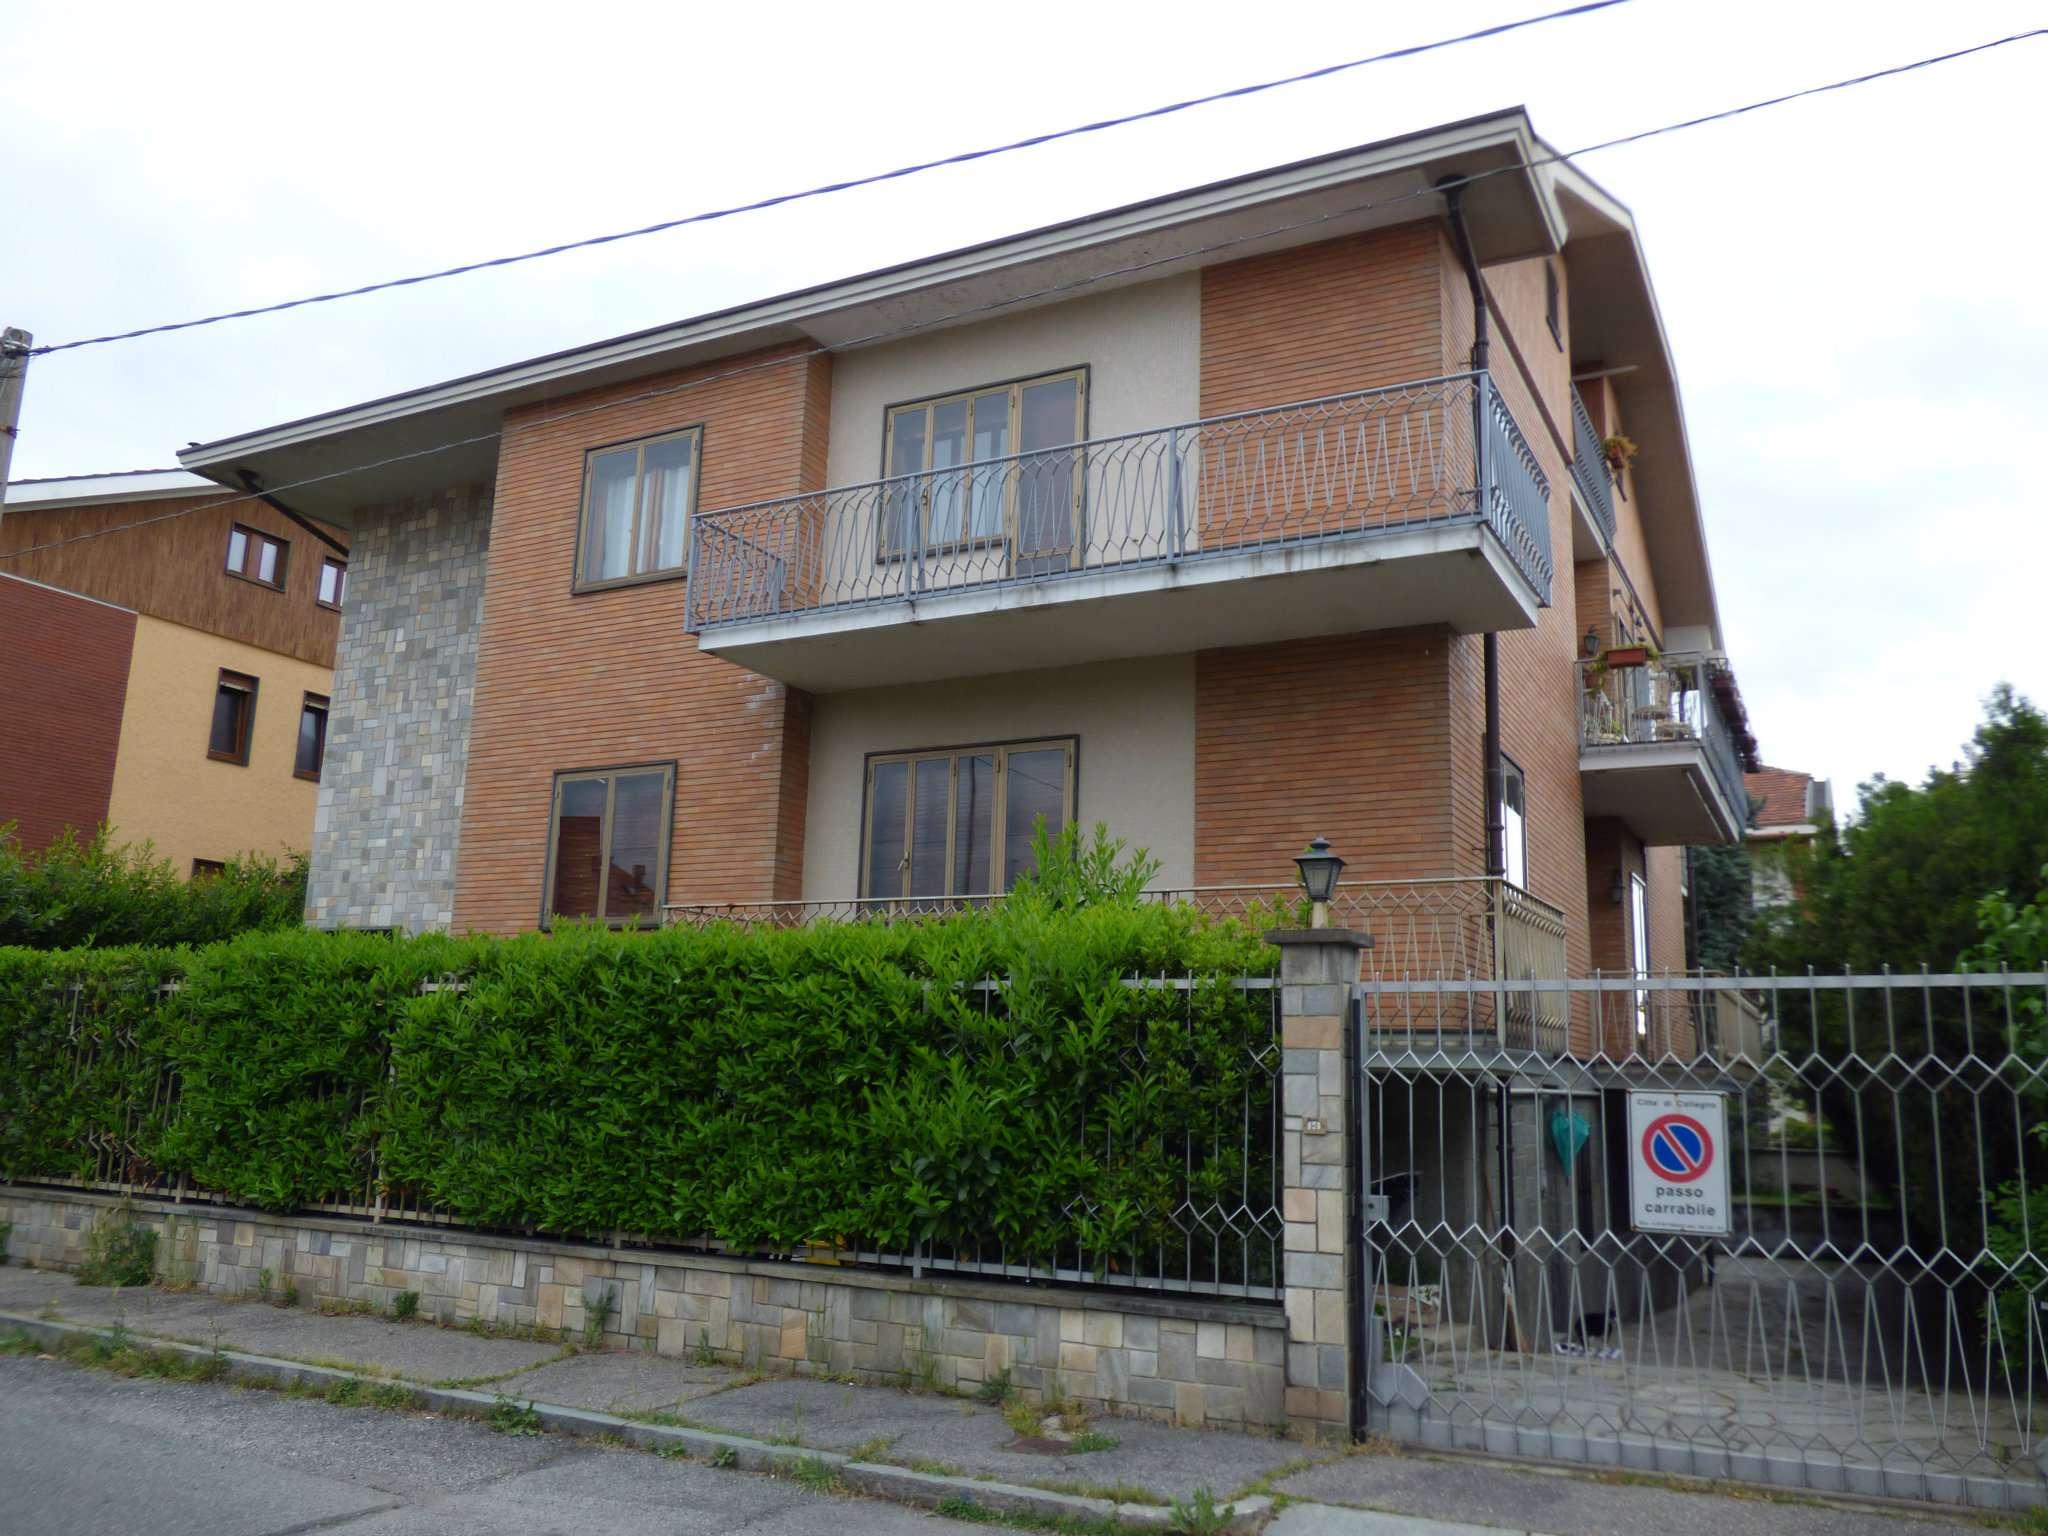 Appartamento in vendita a Collegno, 2 locali, prezzo € 70.000 | CambioCasa.it